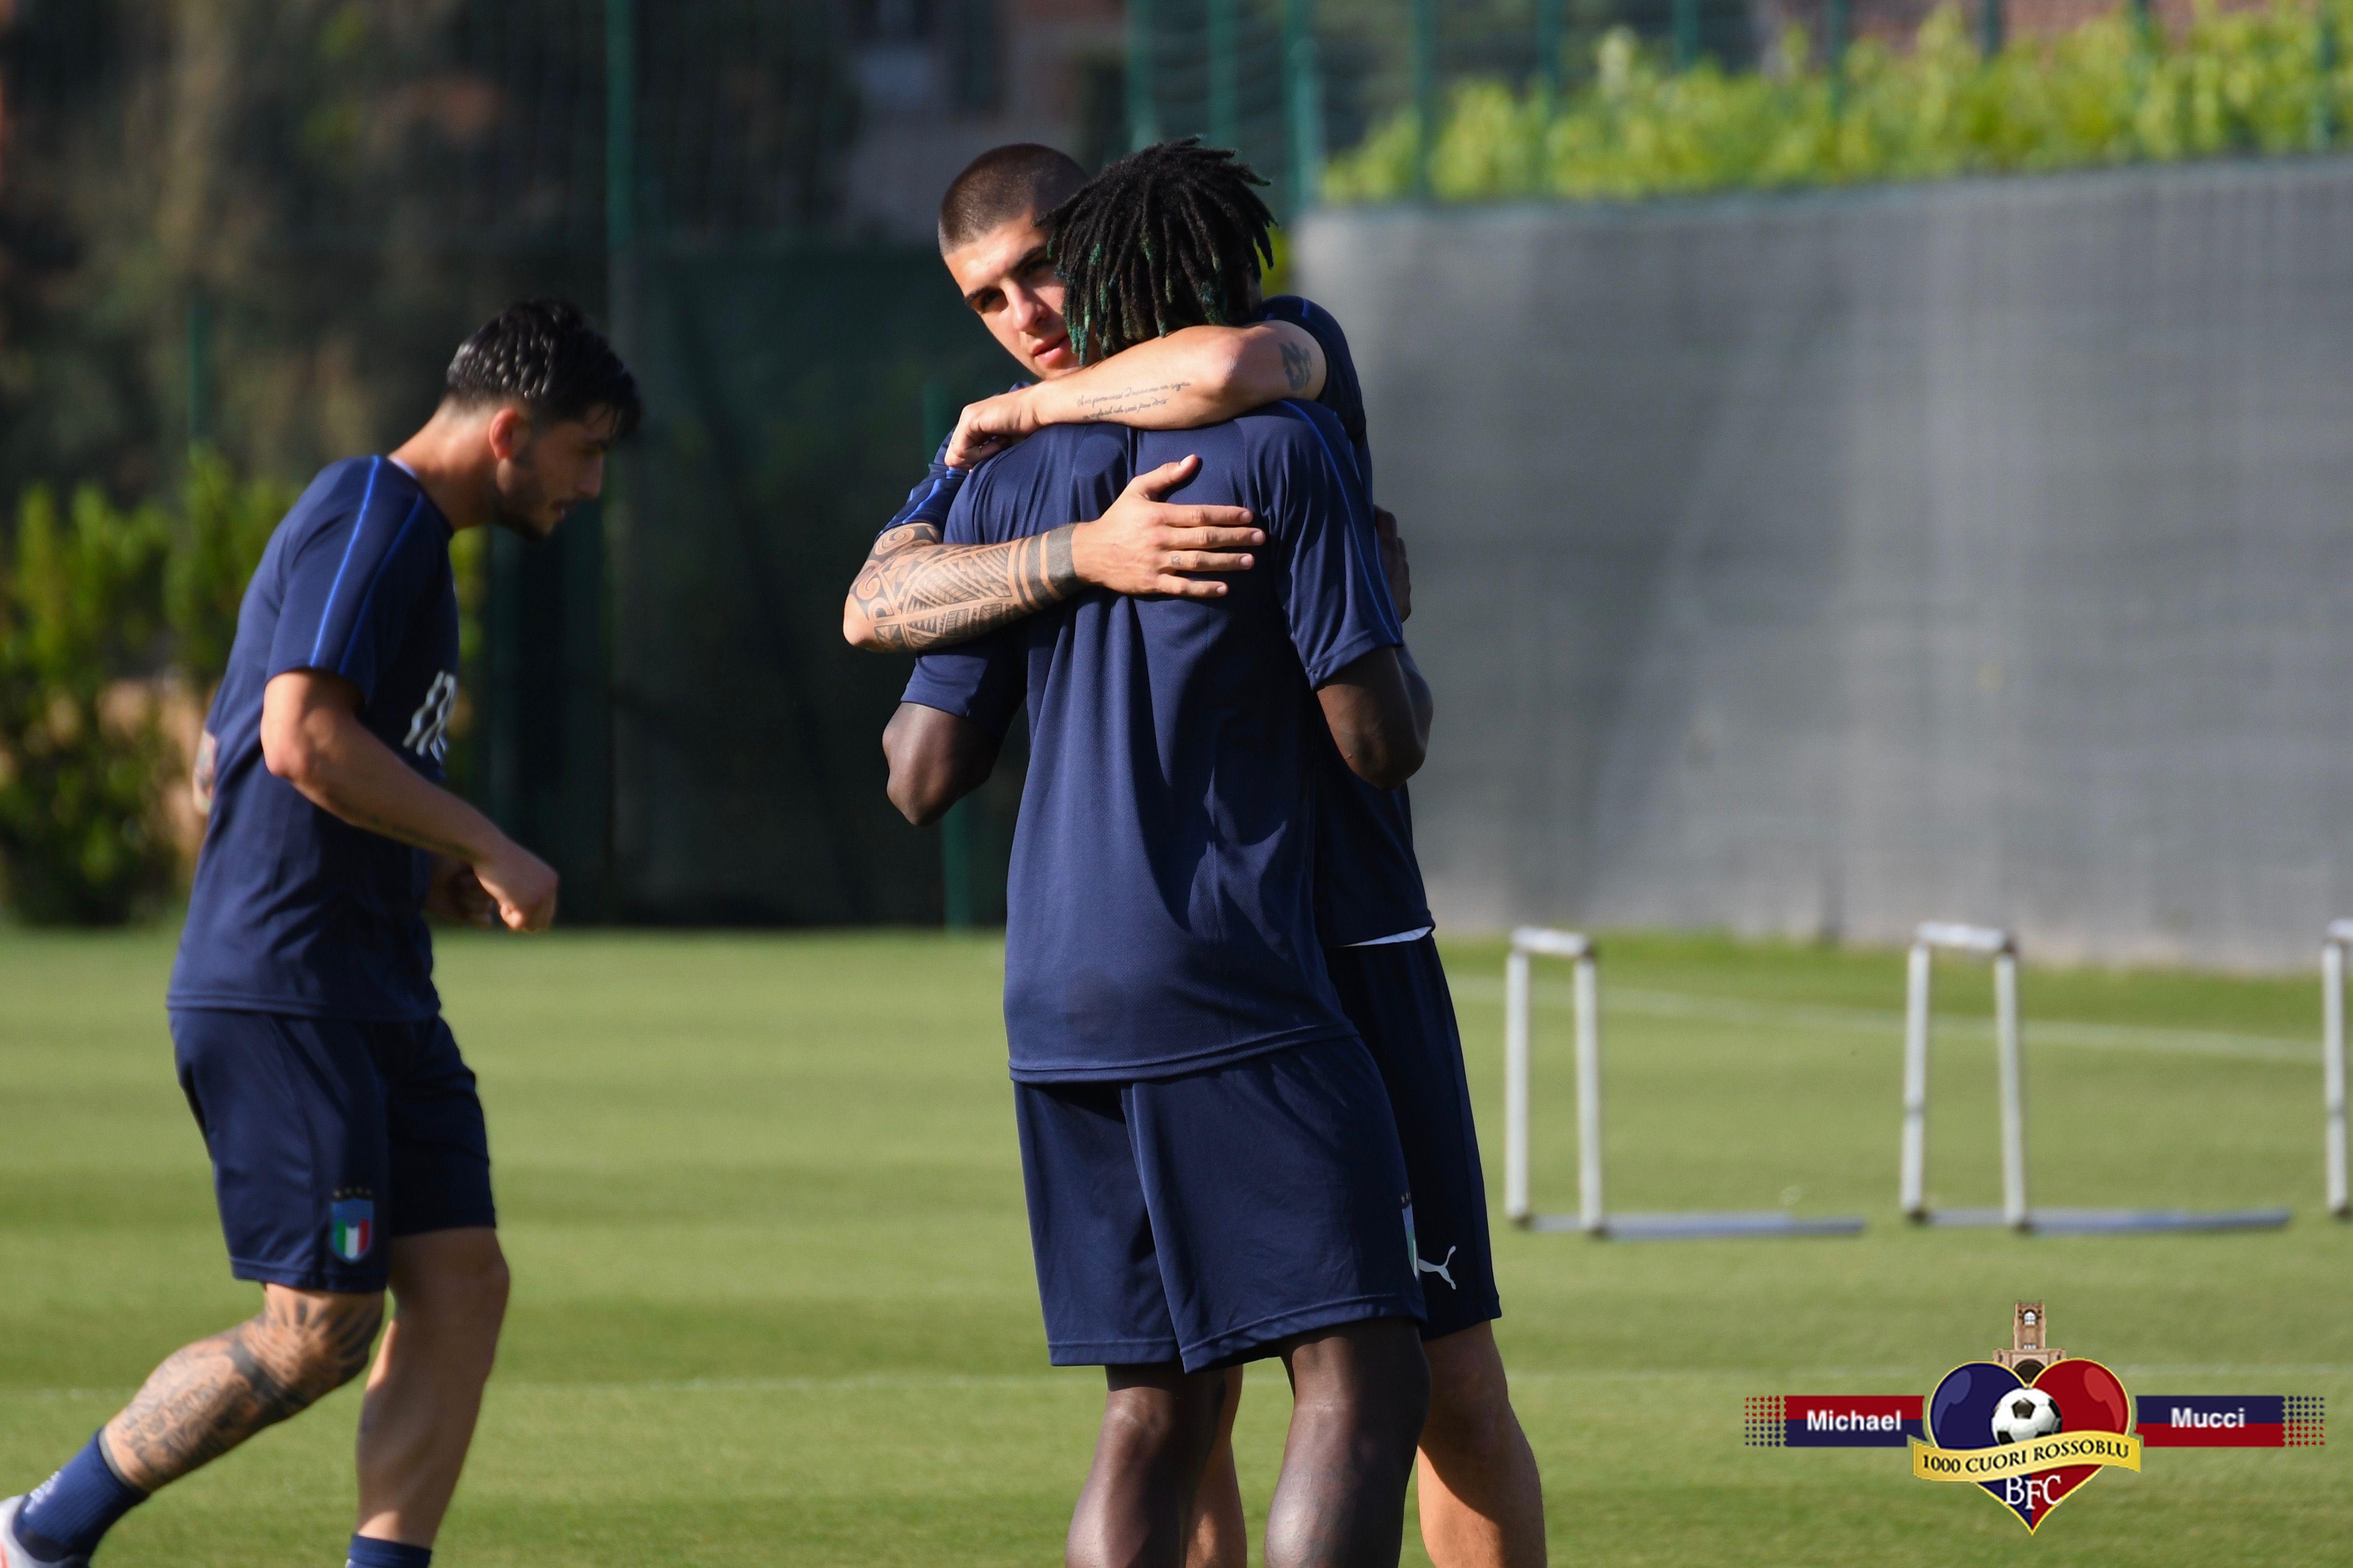 Italia U21, sono arrivati i ragazzi dalla Nazionale di Mancini: le foto dell'allenamento